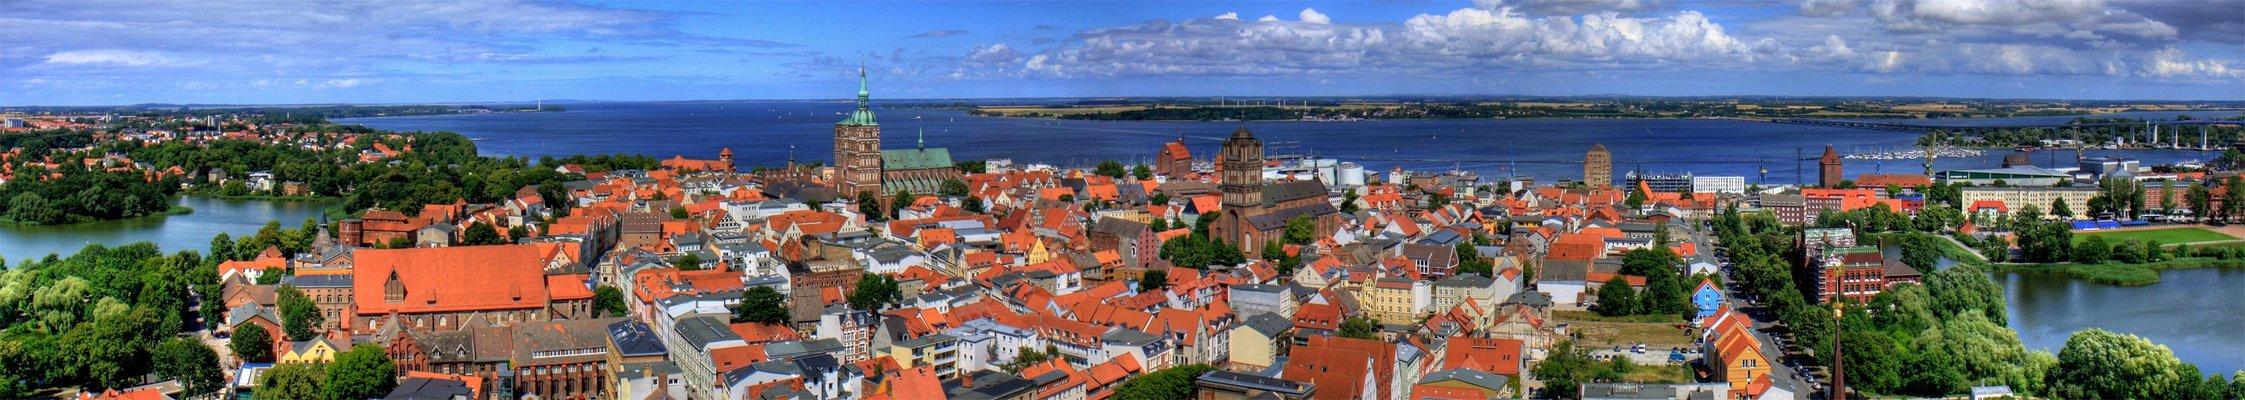 Stralsund #02